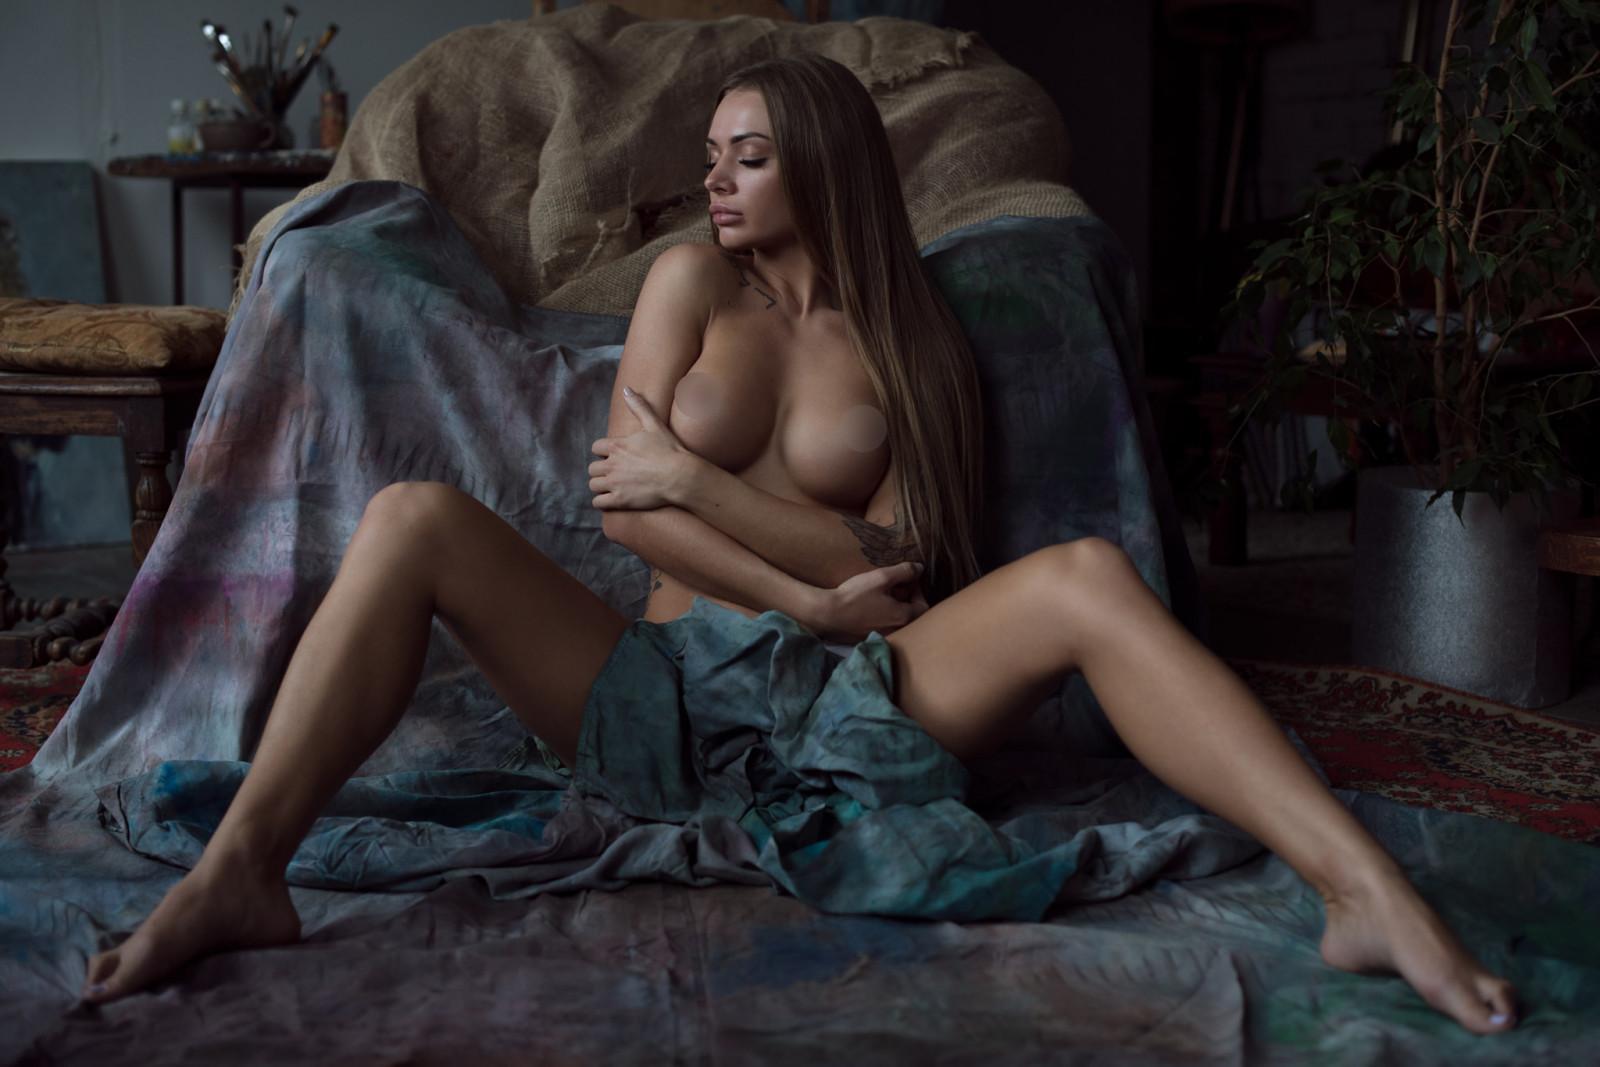 top sluttiest sex positions